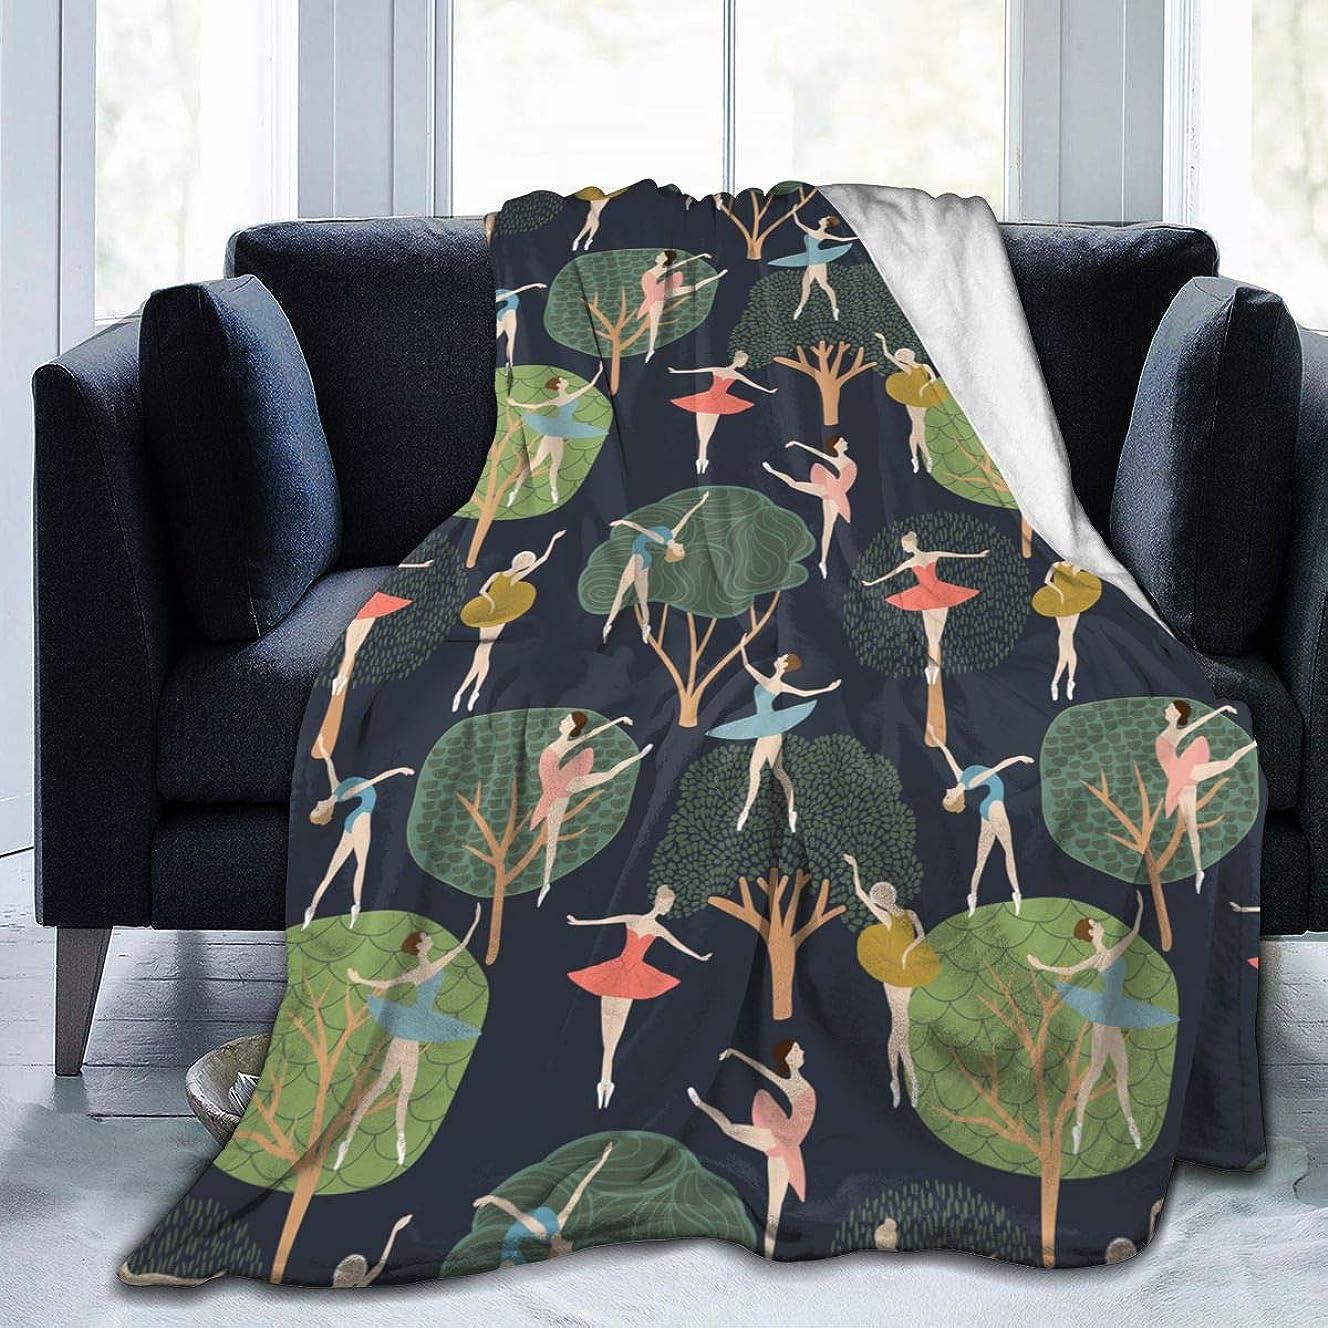 浸したサークルシアーバレエ 北欧 木 森林 毛布 掛け毛布 ブランケット シングル 暖かい柔らかい ふわふわ フランネル 毛布 三つのサイズ